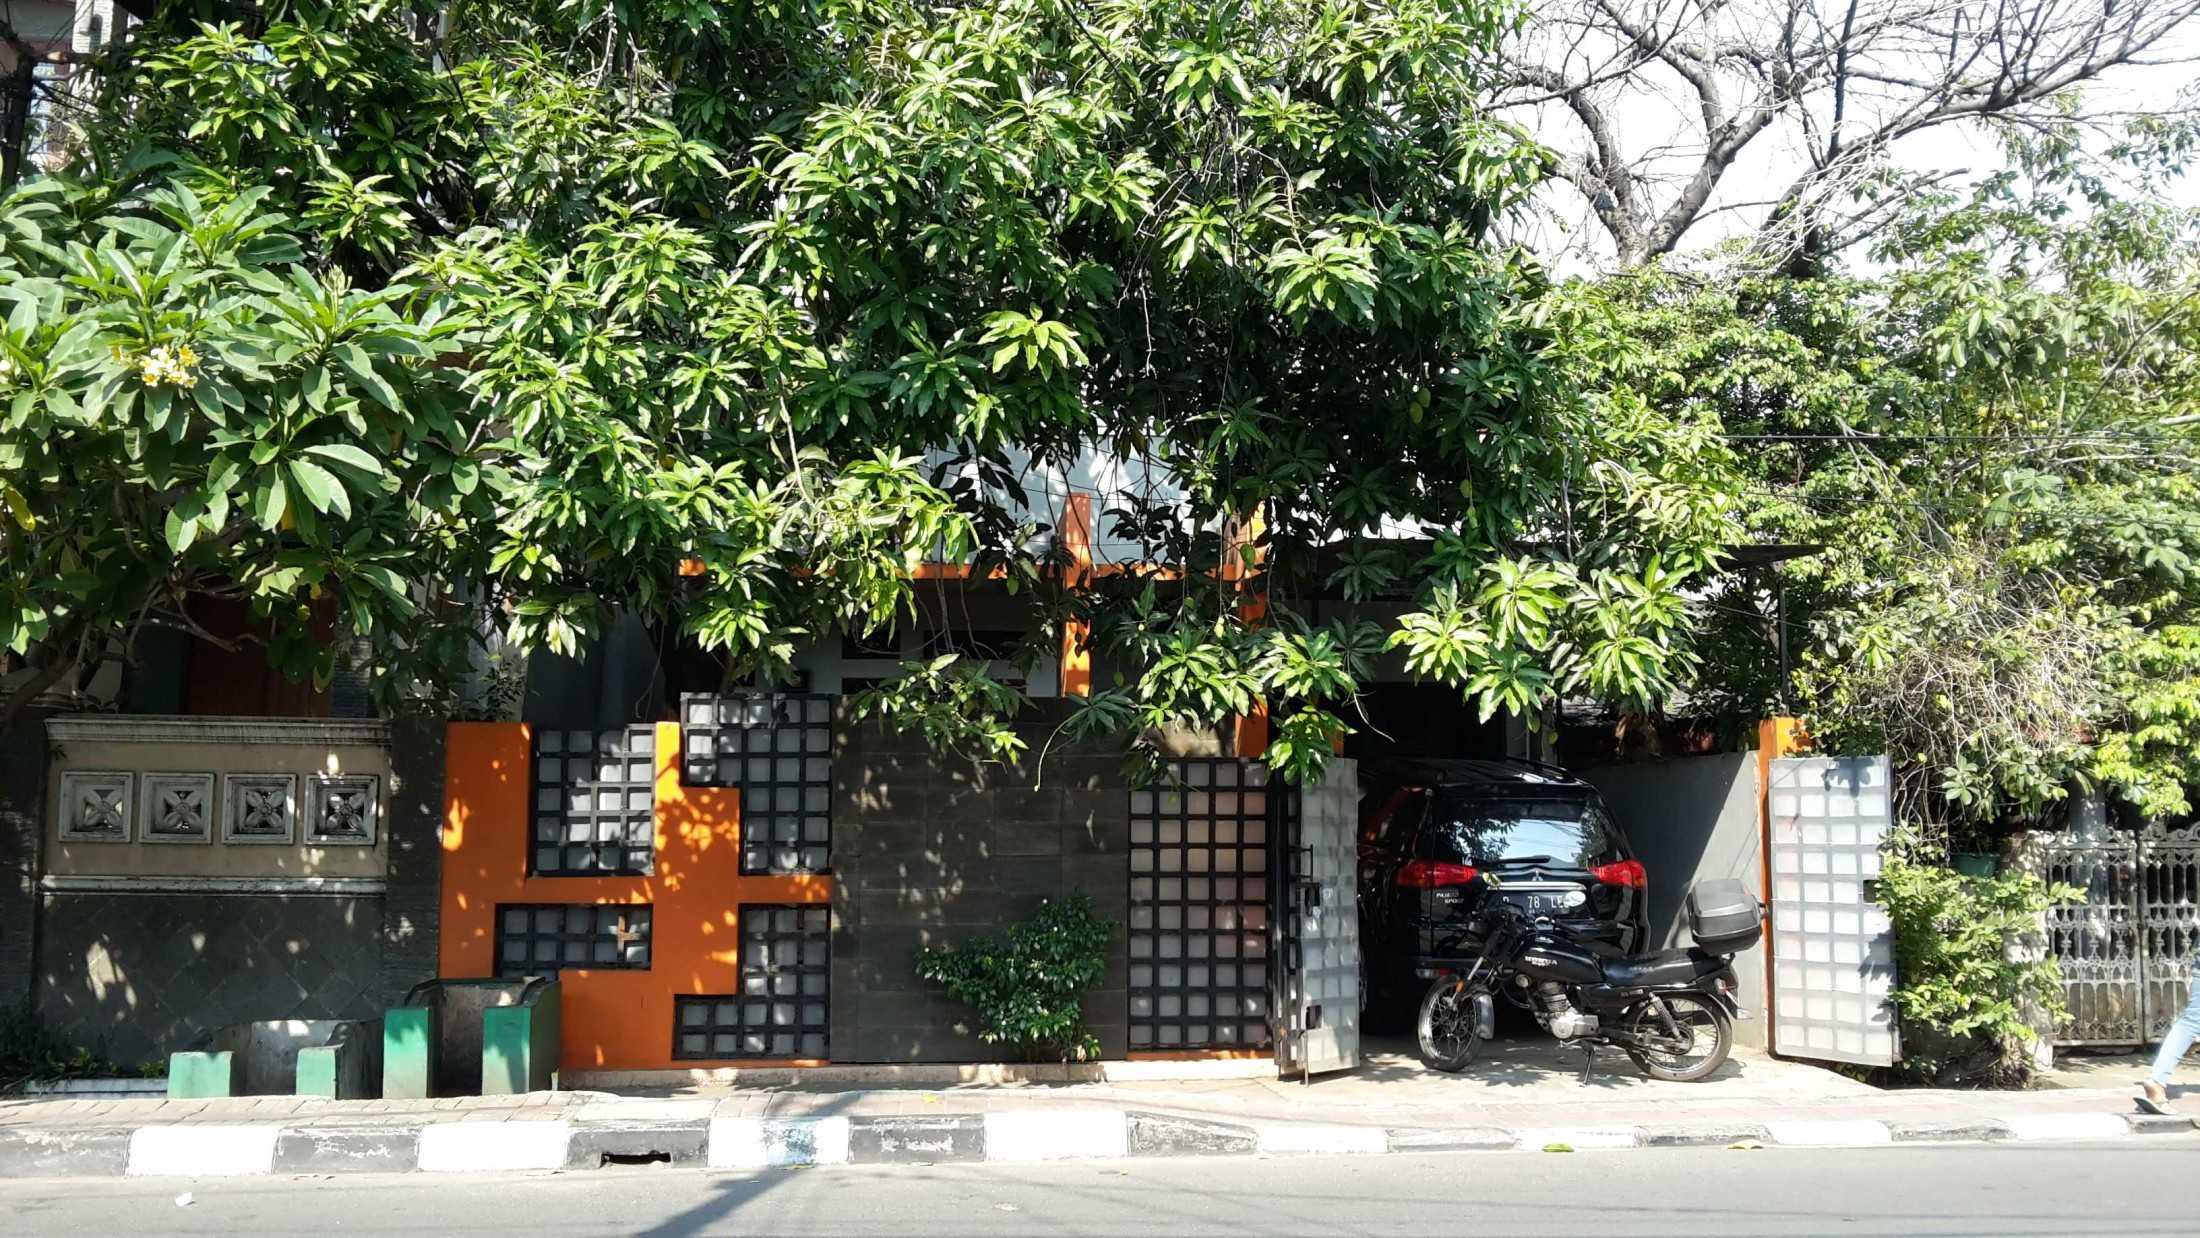 Ideall Design Renovasi Rumah Roof Top Box Rawabadak Utara, Kec. Koja, Kota Jkt Utara, Daerah Khusus Ibukota Jakarta, Indonesia Rawabadak Utara, Kec. Koja, Kota Jkt Utara, Daerah Khusus Ibukota Jakarta, Indonesia Foto Tampak Eksisting Rumah Minimalist 113741